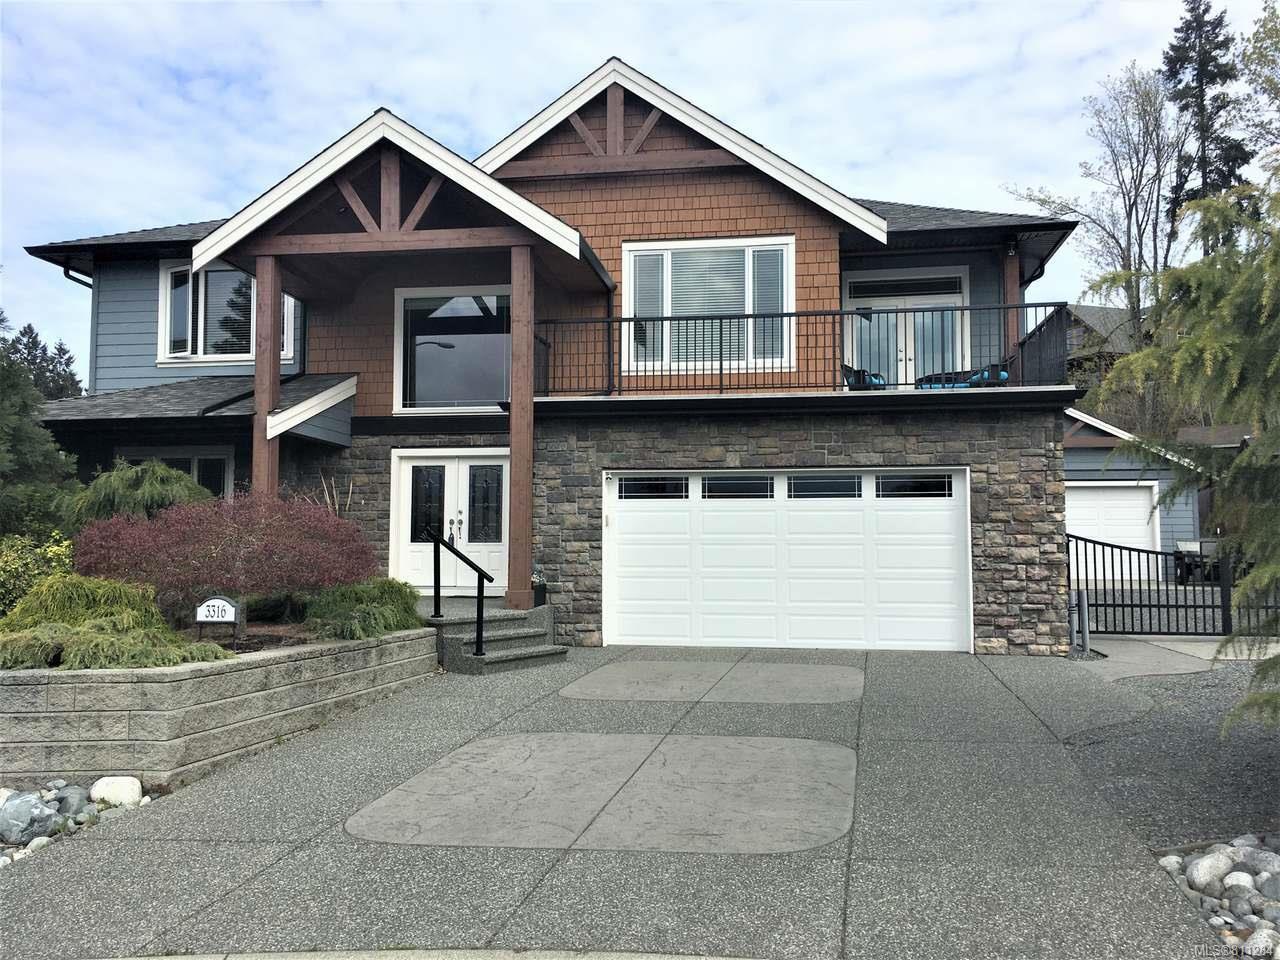 Main Photo: 3316 SAVANNAH PLACE in NANAIMO: Na North Jingle Pot House for sale (Nanaimo)  : MLS®# 811284